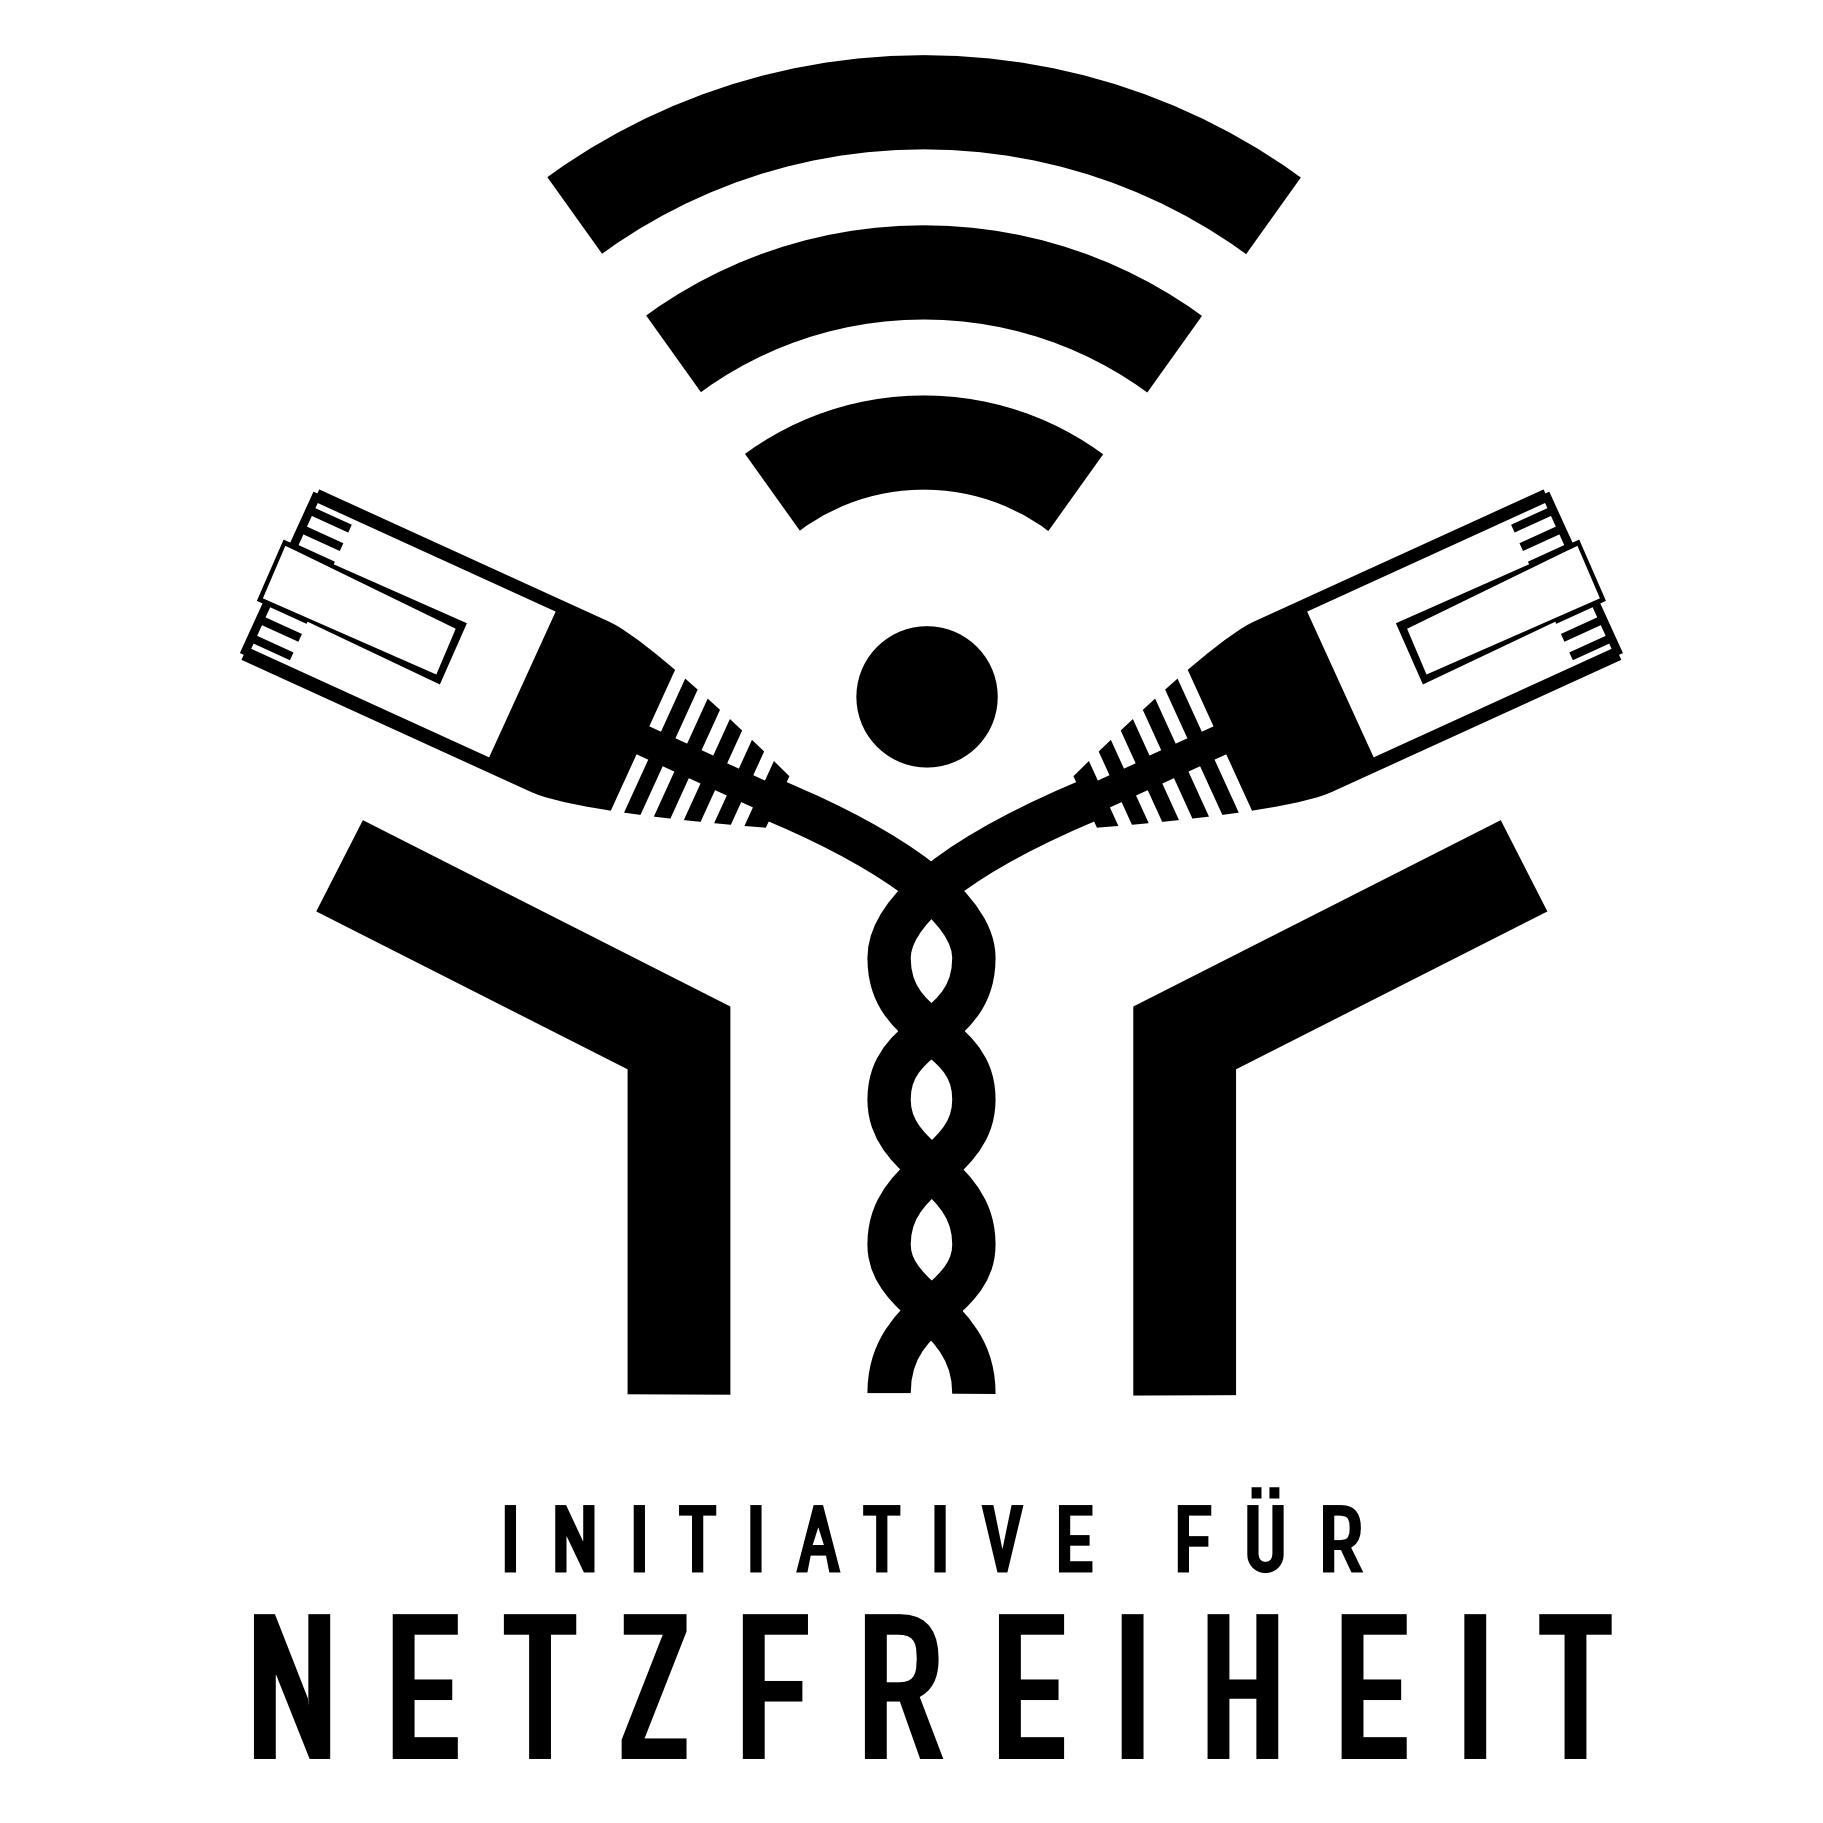 https://netzfreiheit.org